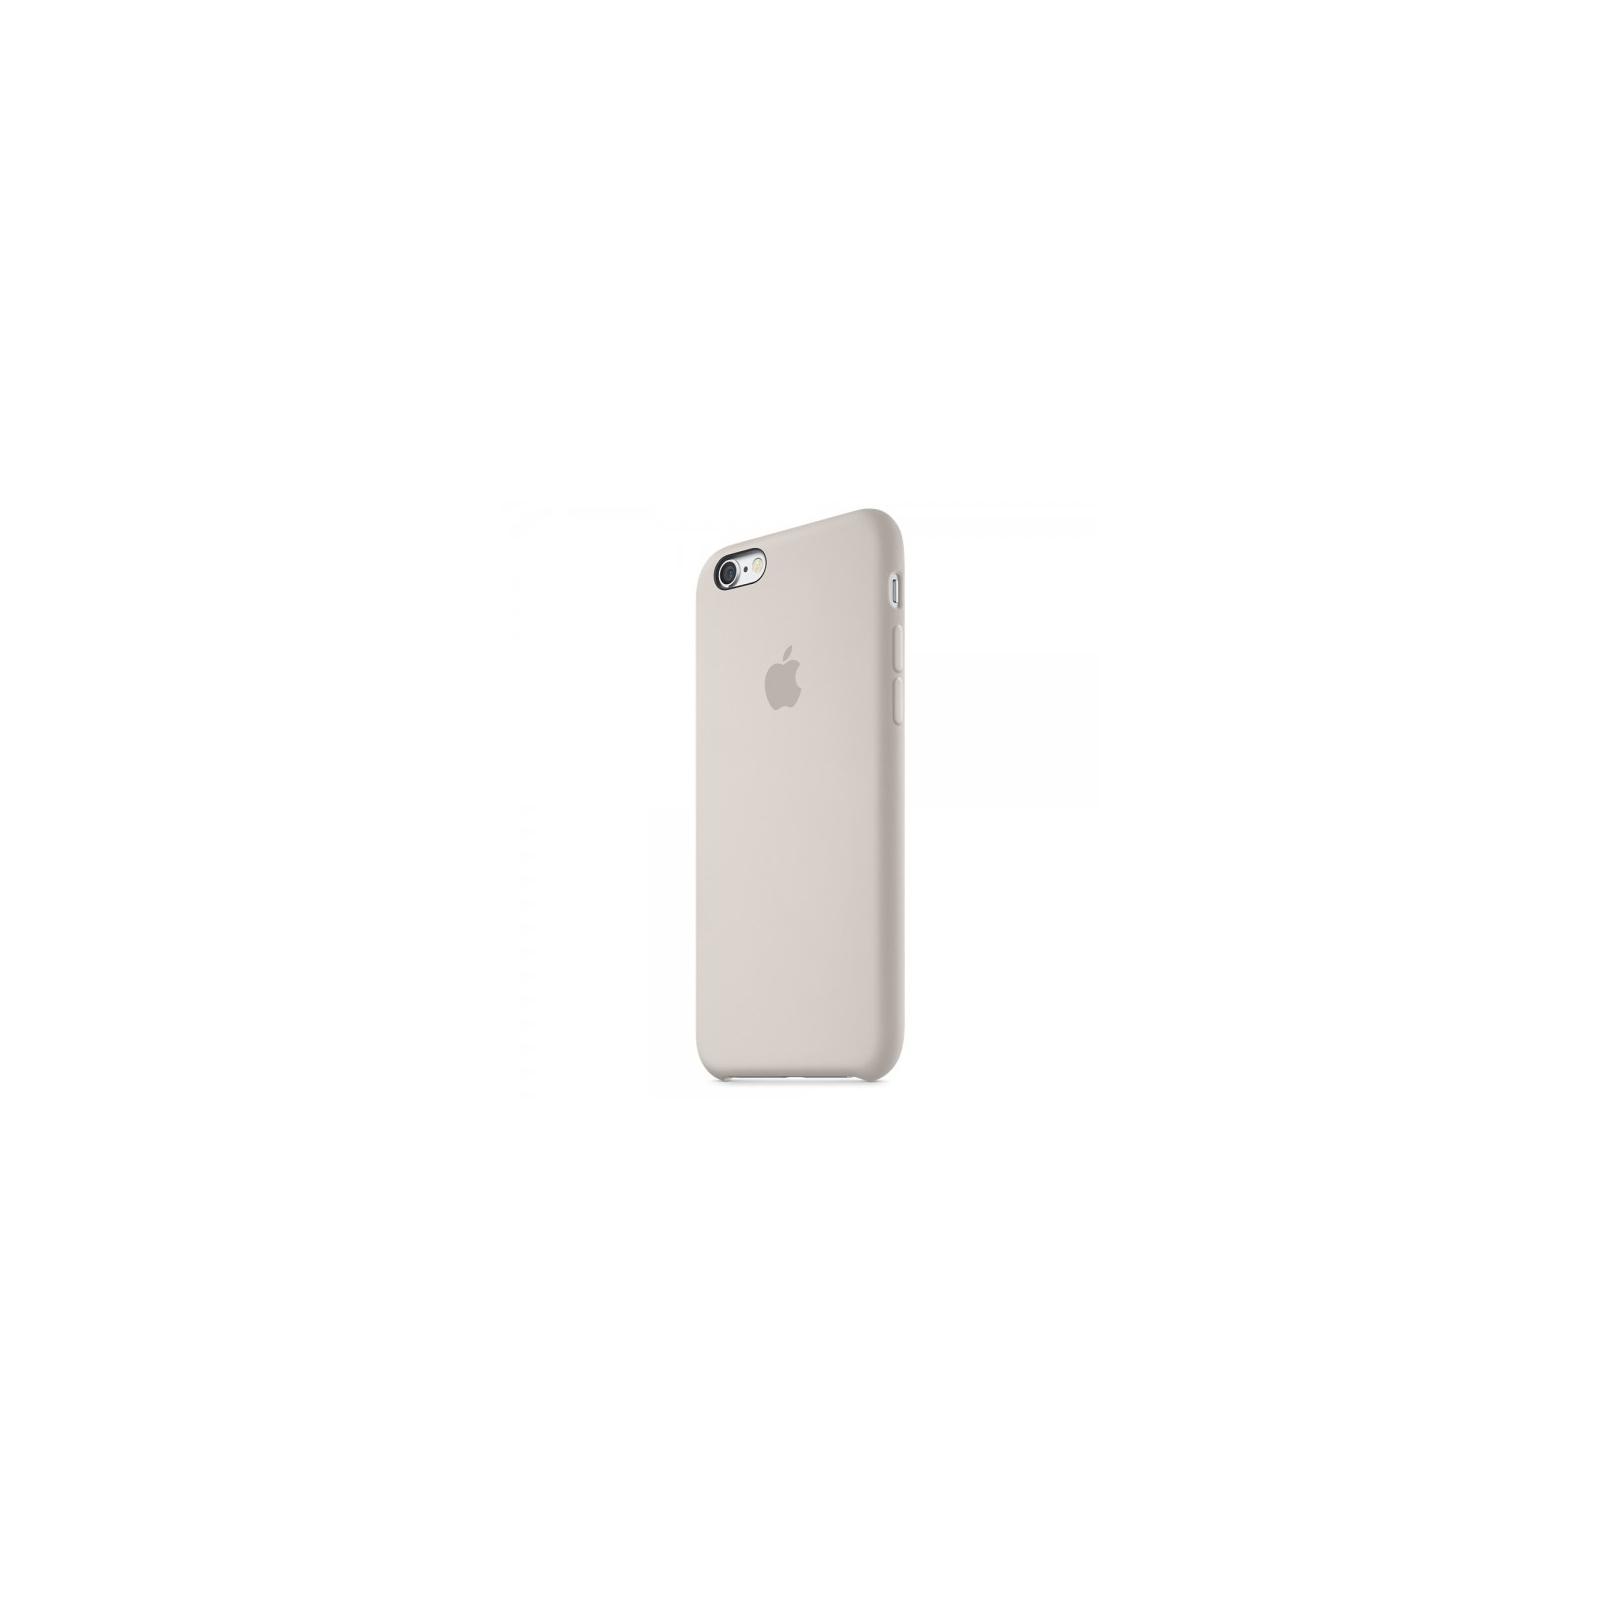 Чехол для моб. телефона Apple для iPhone 6/6s Stone (MKY42ZM/A) изображение 2